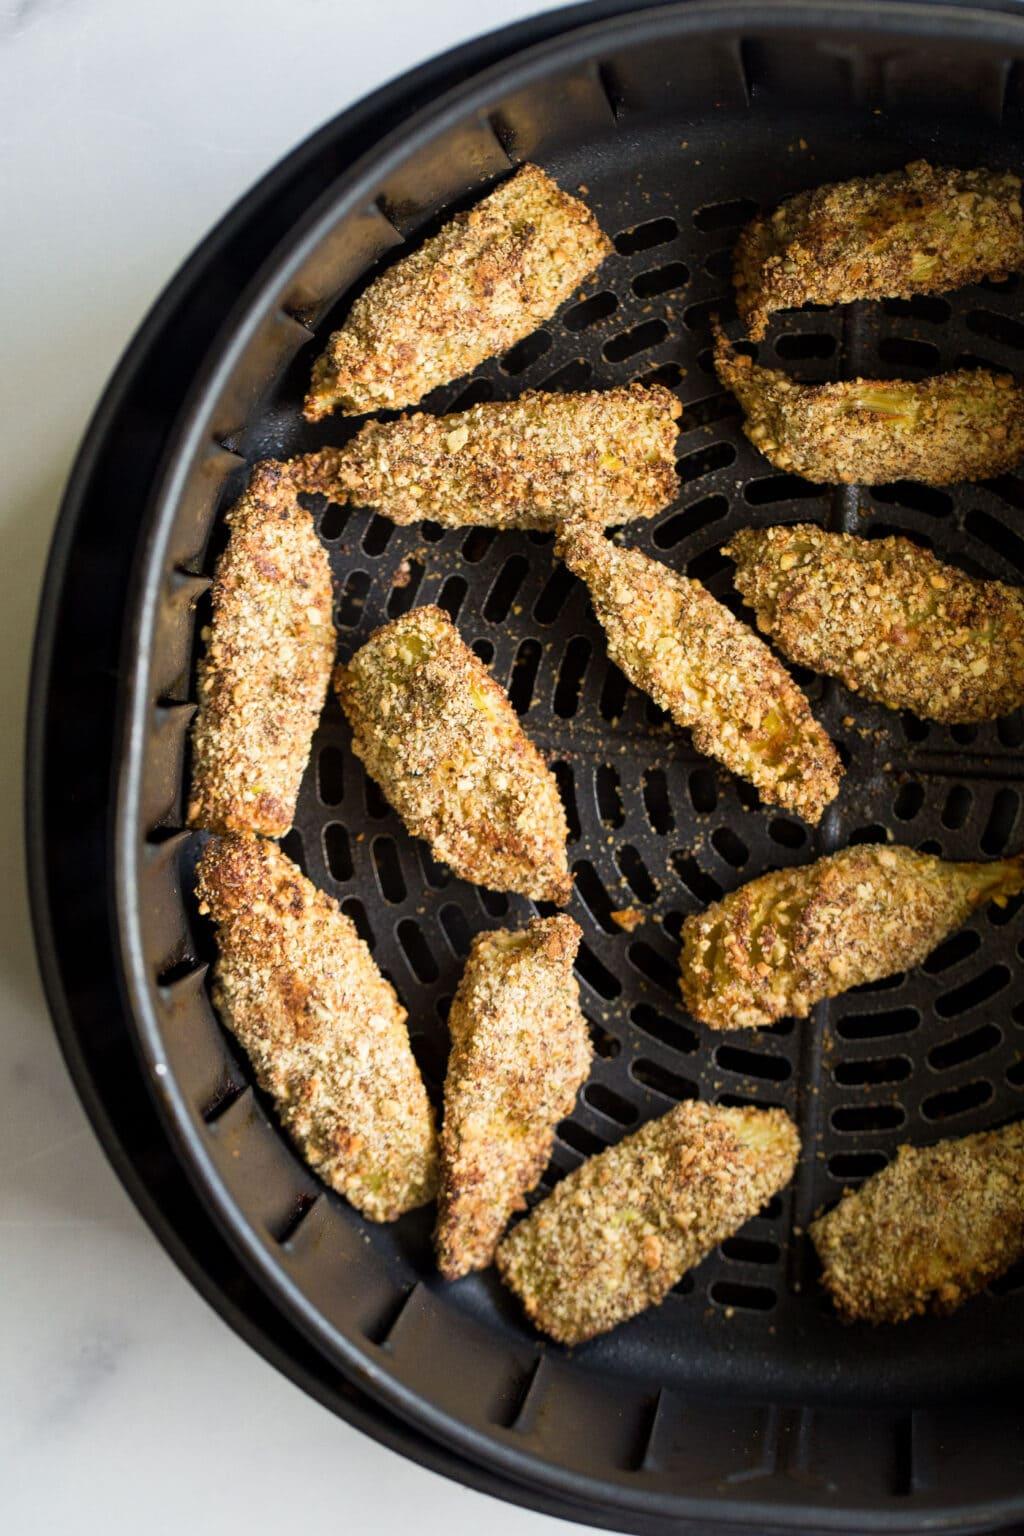 artichoke hearts in a crispy coating in the air fryer basket.